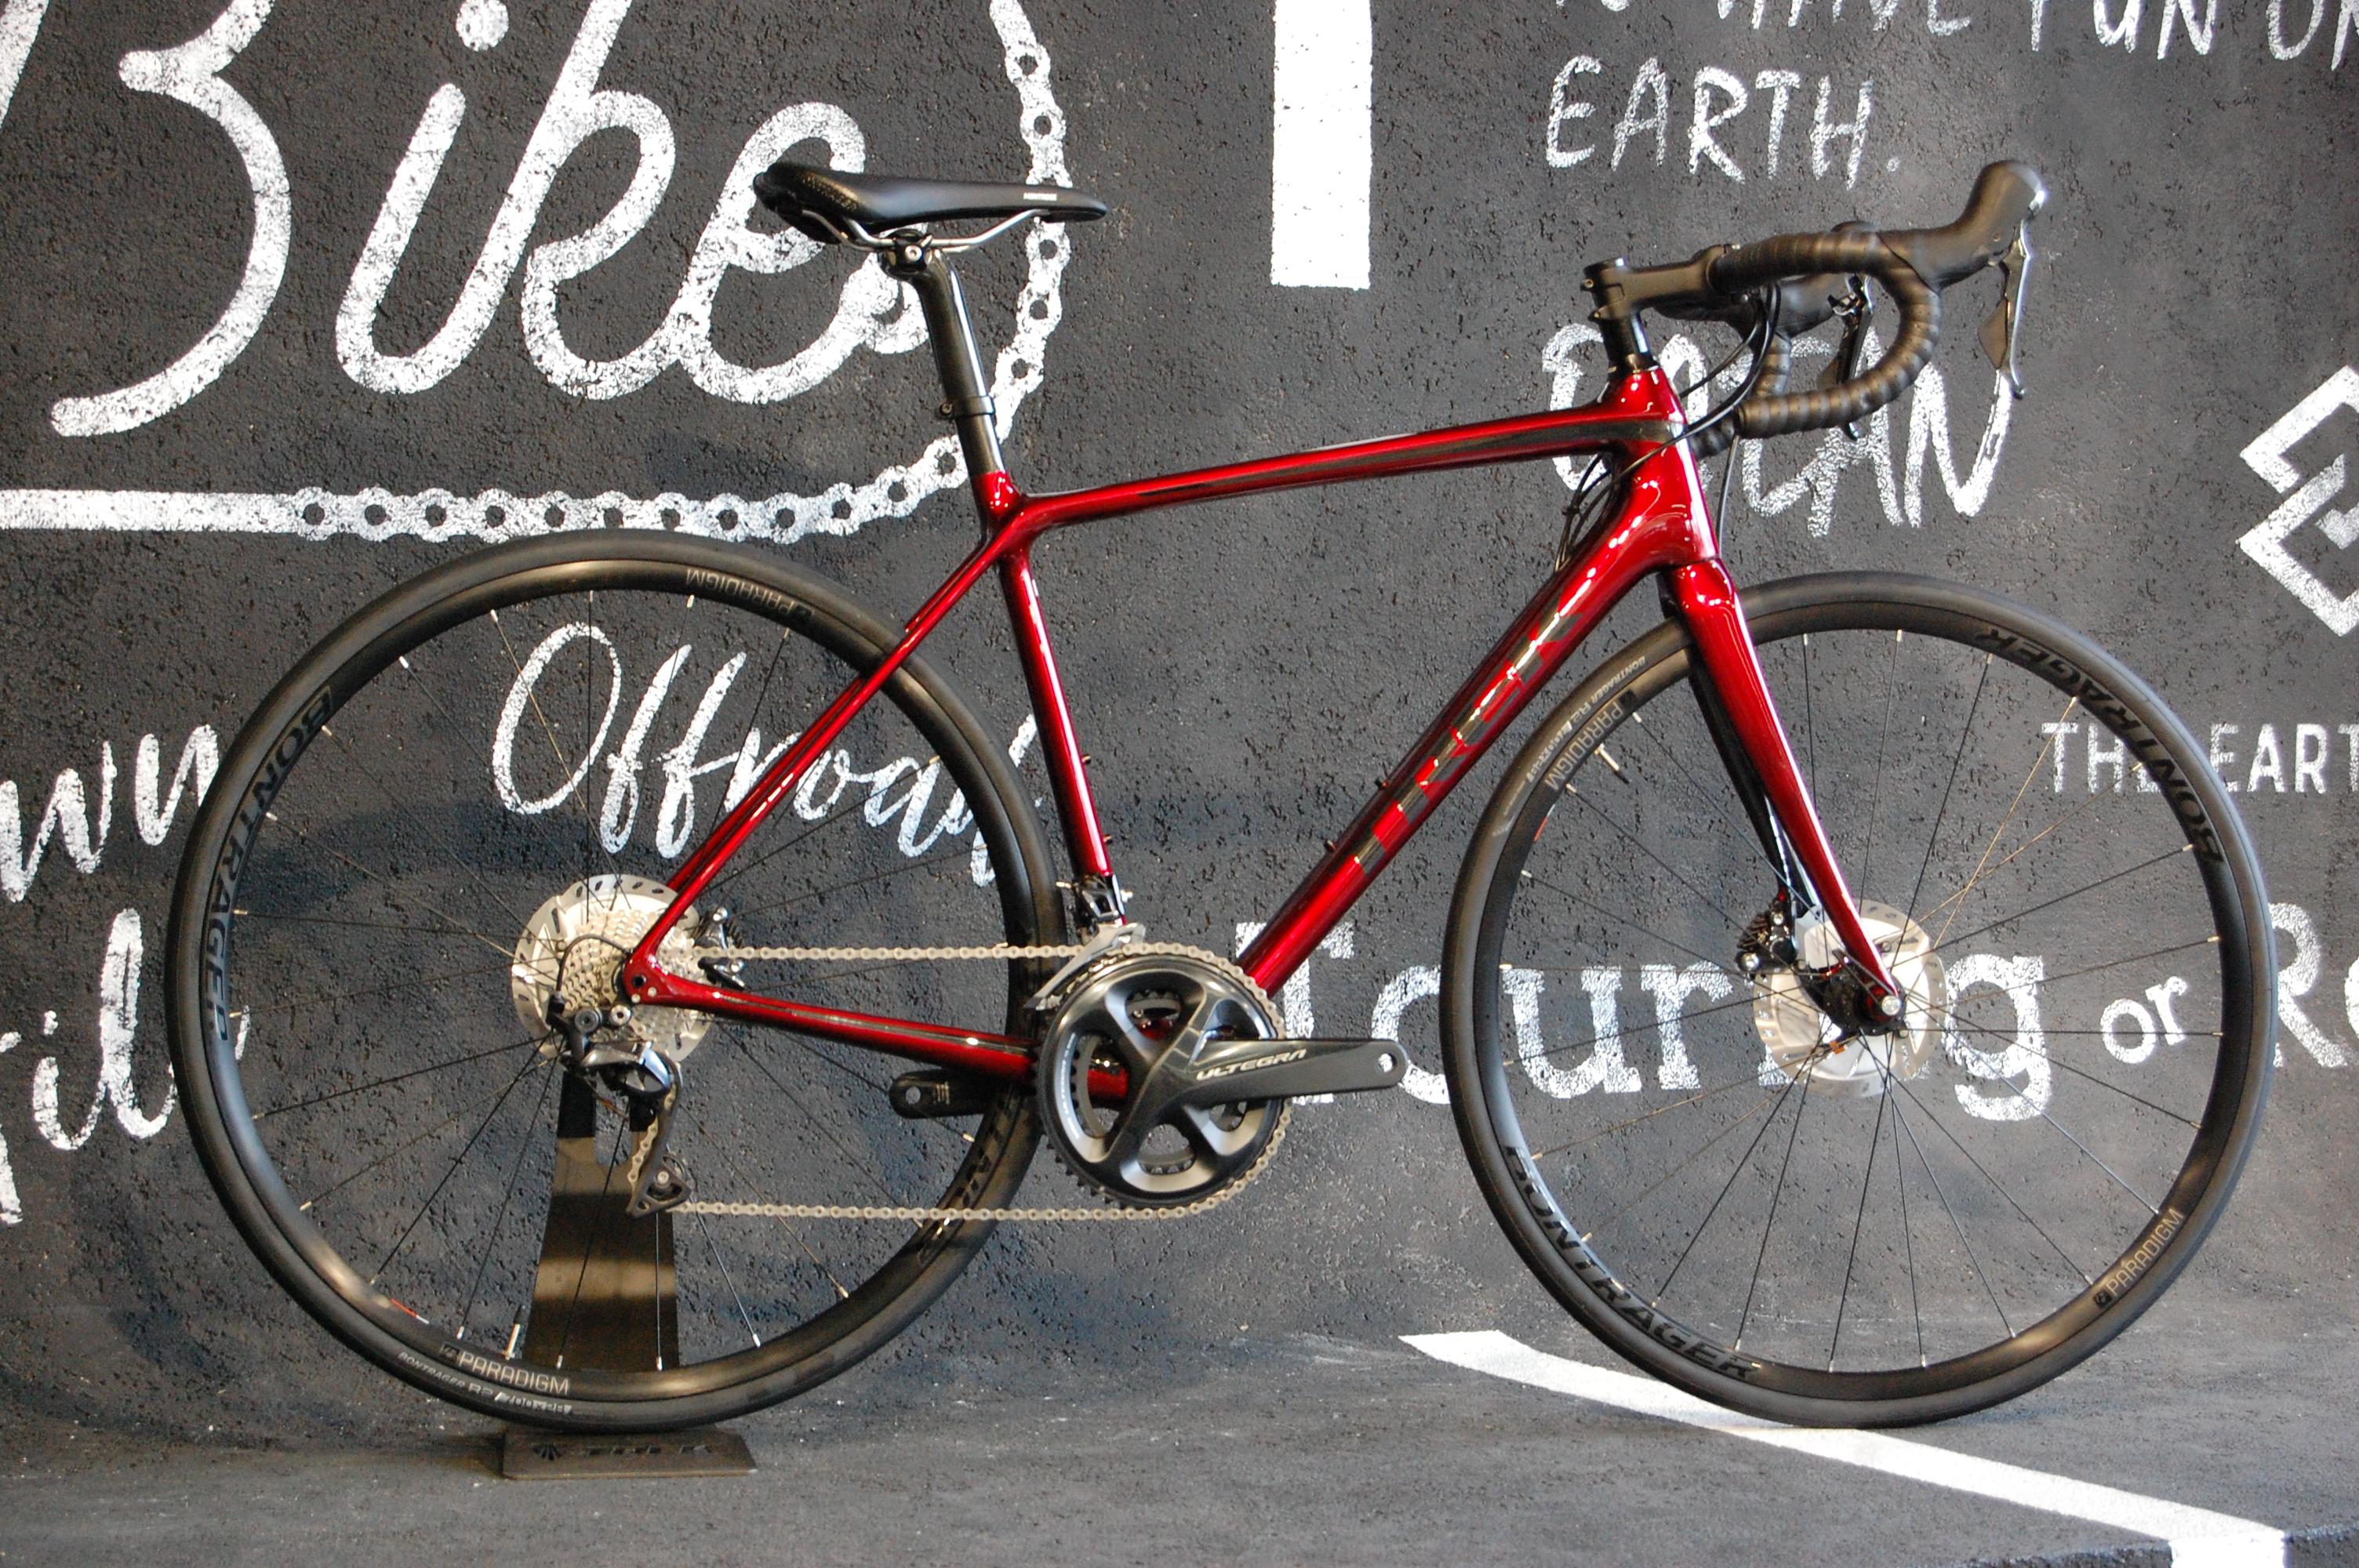 ソリッドな走りに上位グレードのドライブトレインを搭載した、軽量レーシングバイク! TREK(トレック) EMONDA EMONDA SL6D…